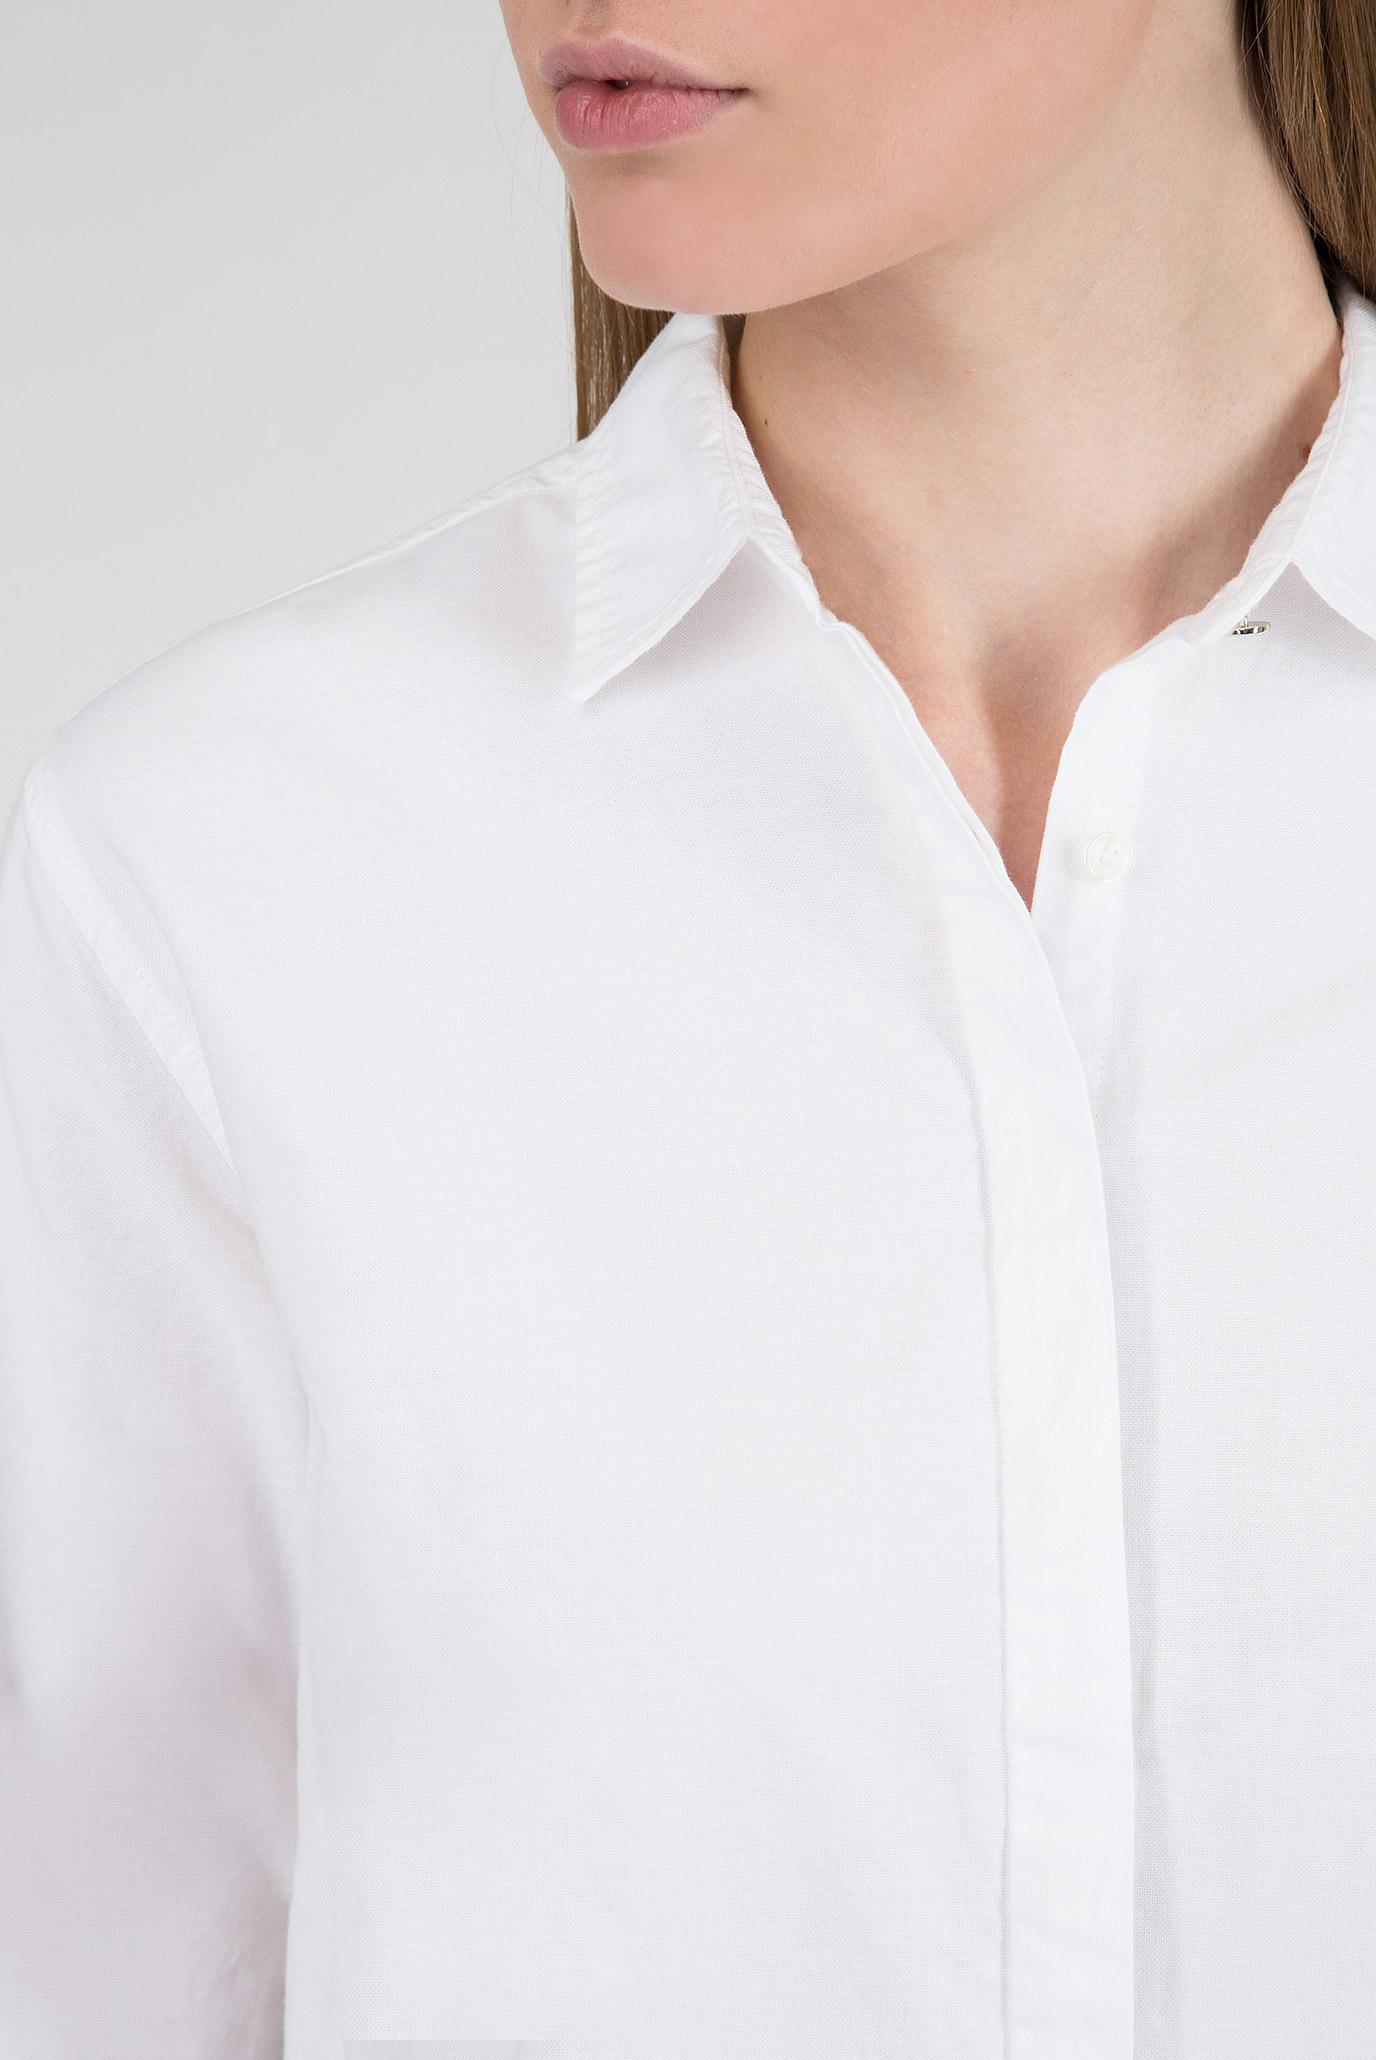 Купить Женская белая рубашка Tommy Hilfiger Tommy Hilfiger WW0WW23006 – Киев, Украина. Цены в интернет магазине MD Fashion